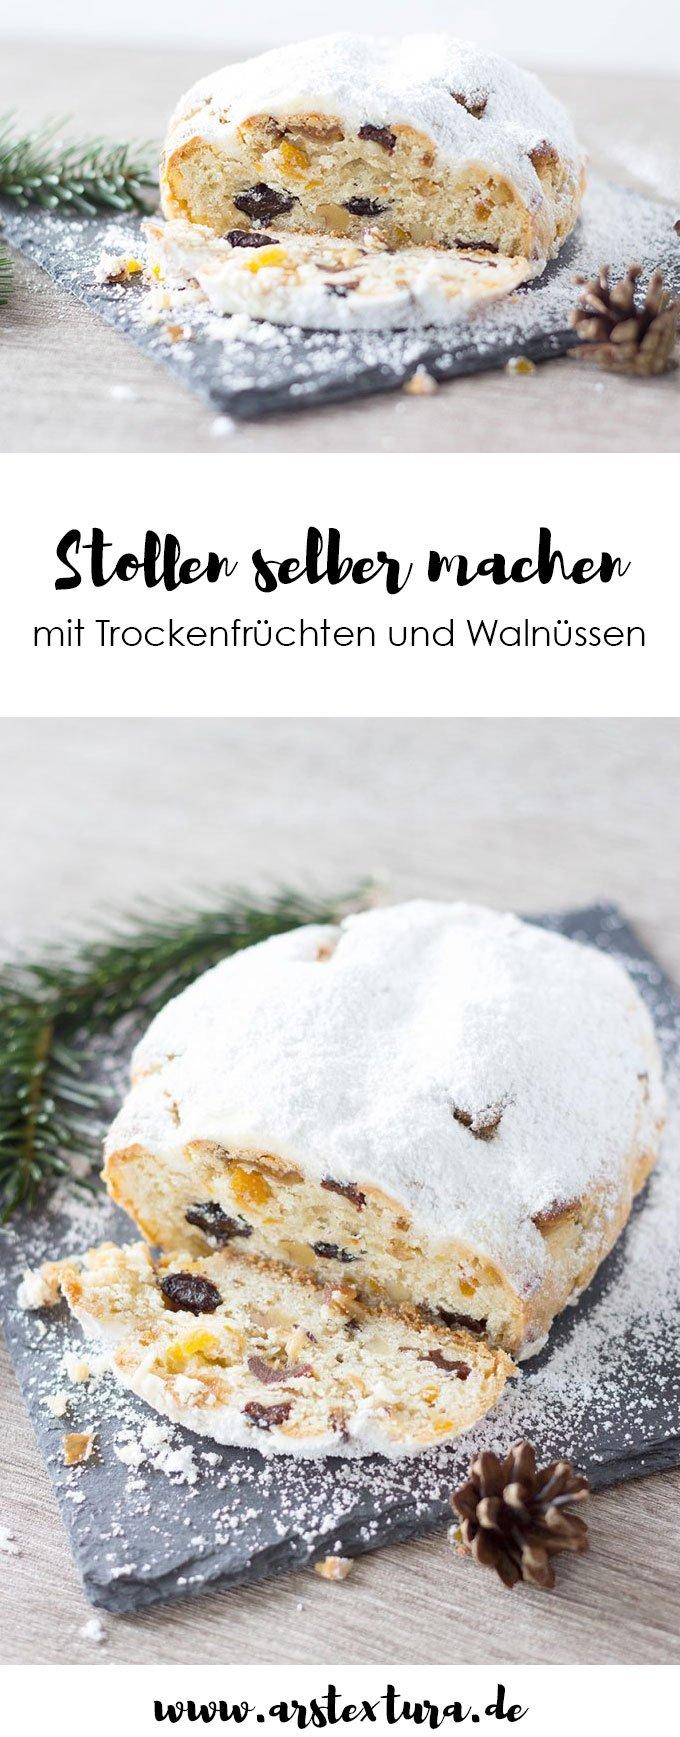 Stollen selber machen | Rezept für den Advent #weihnachten #weihnachtsbäckerei